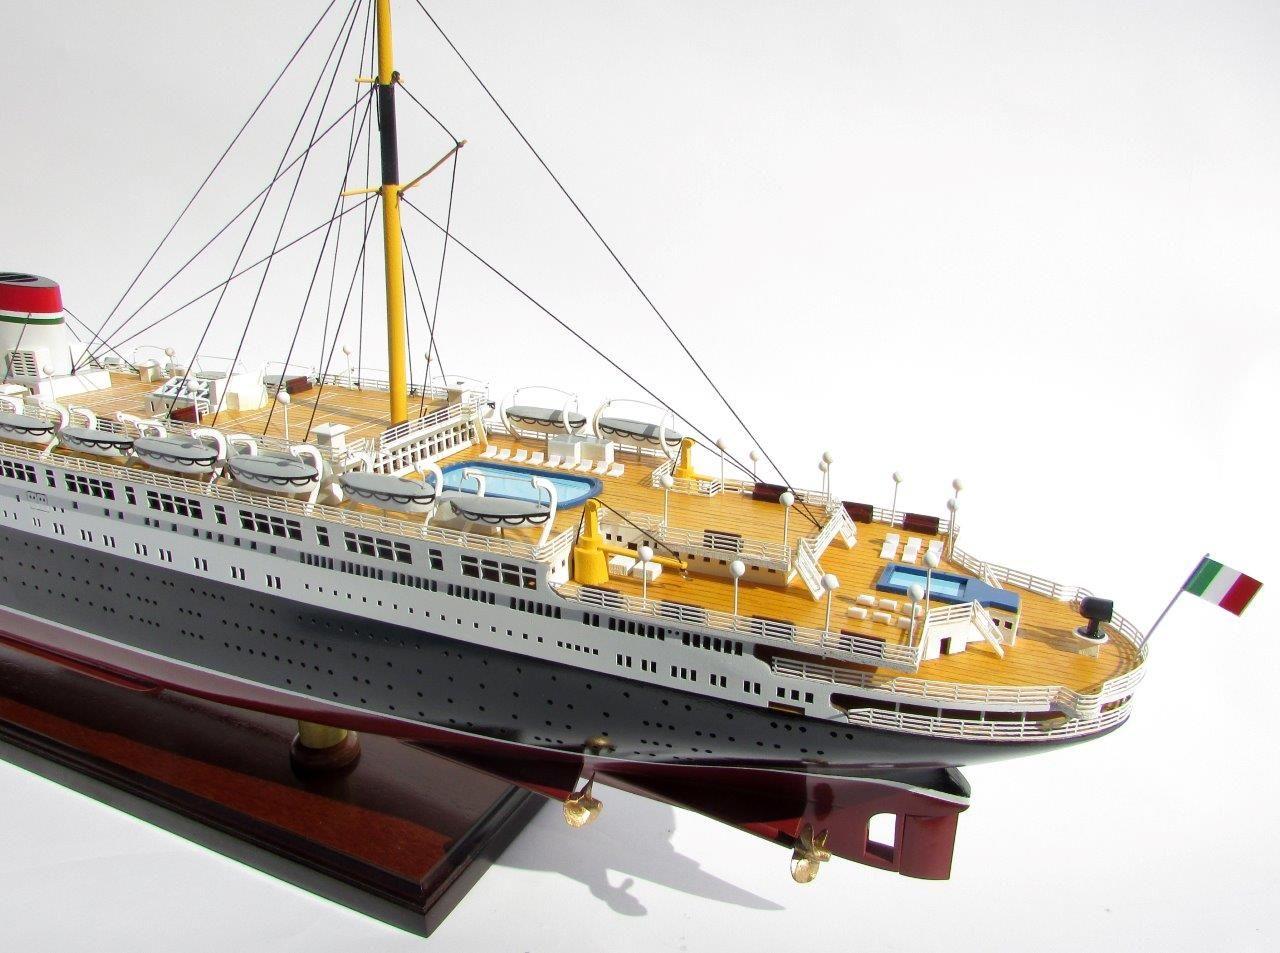 2047-12096-SS-Rex-model-boat